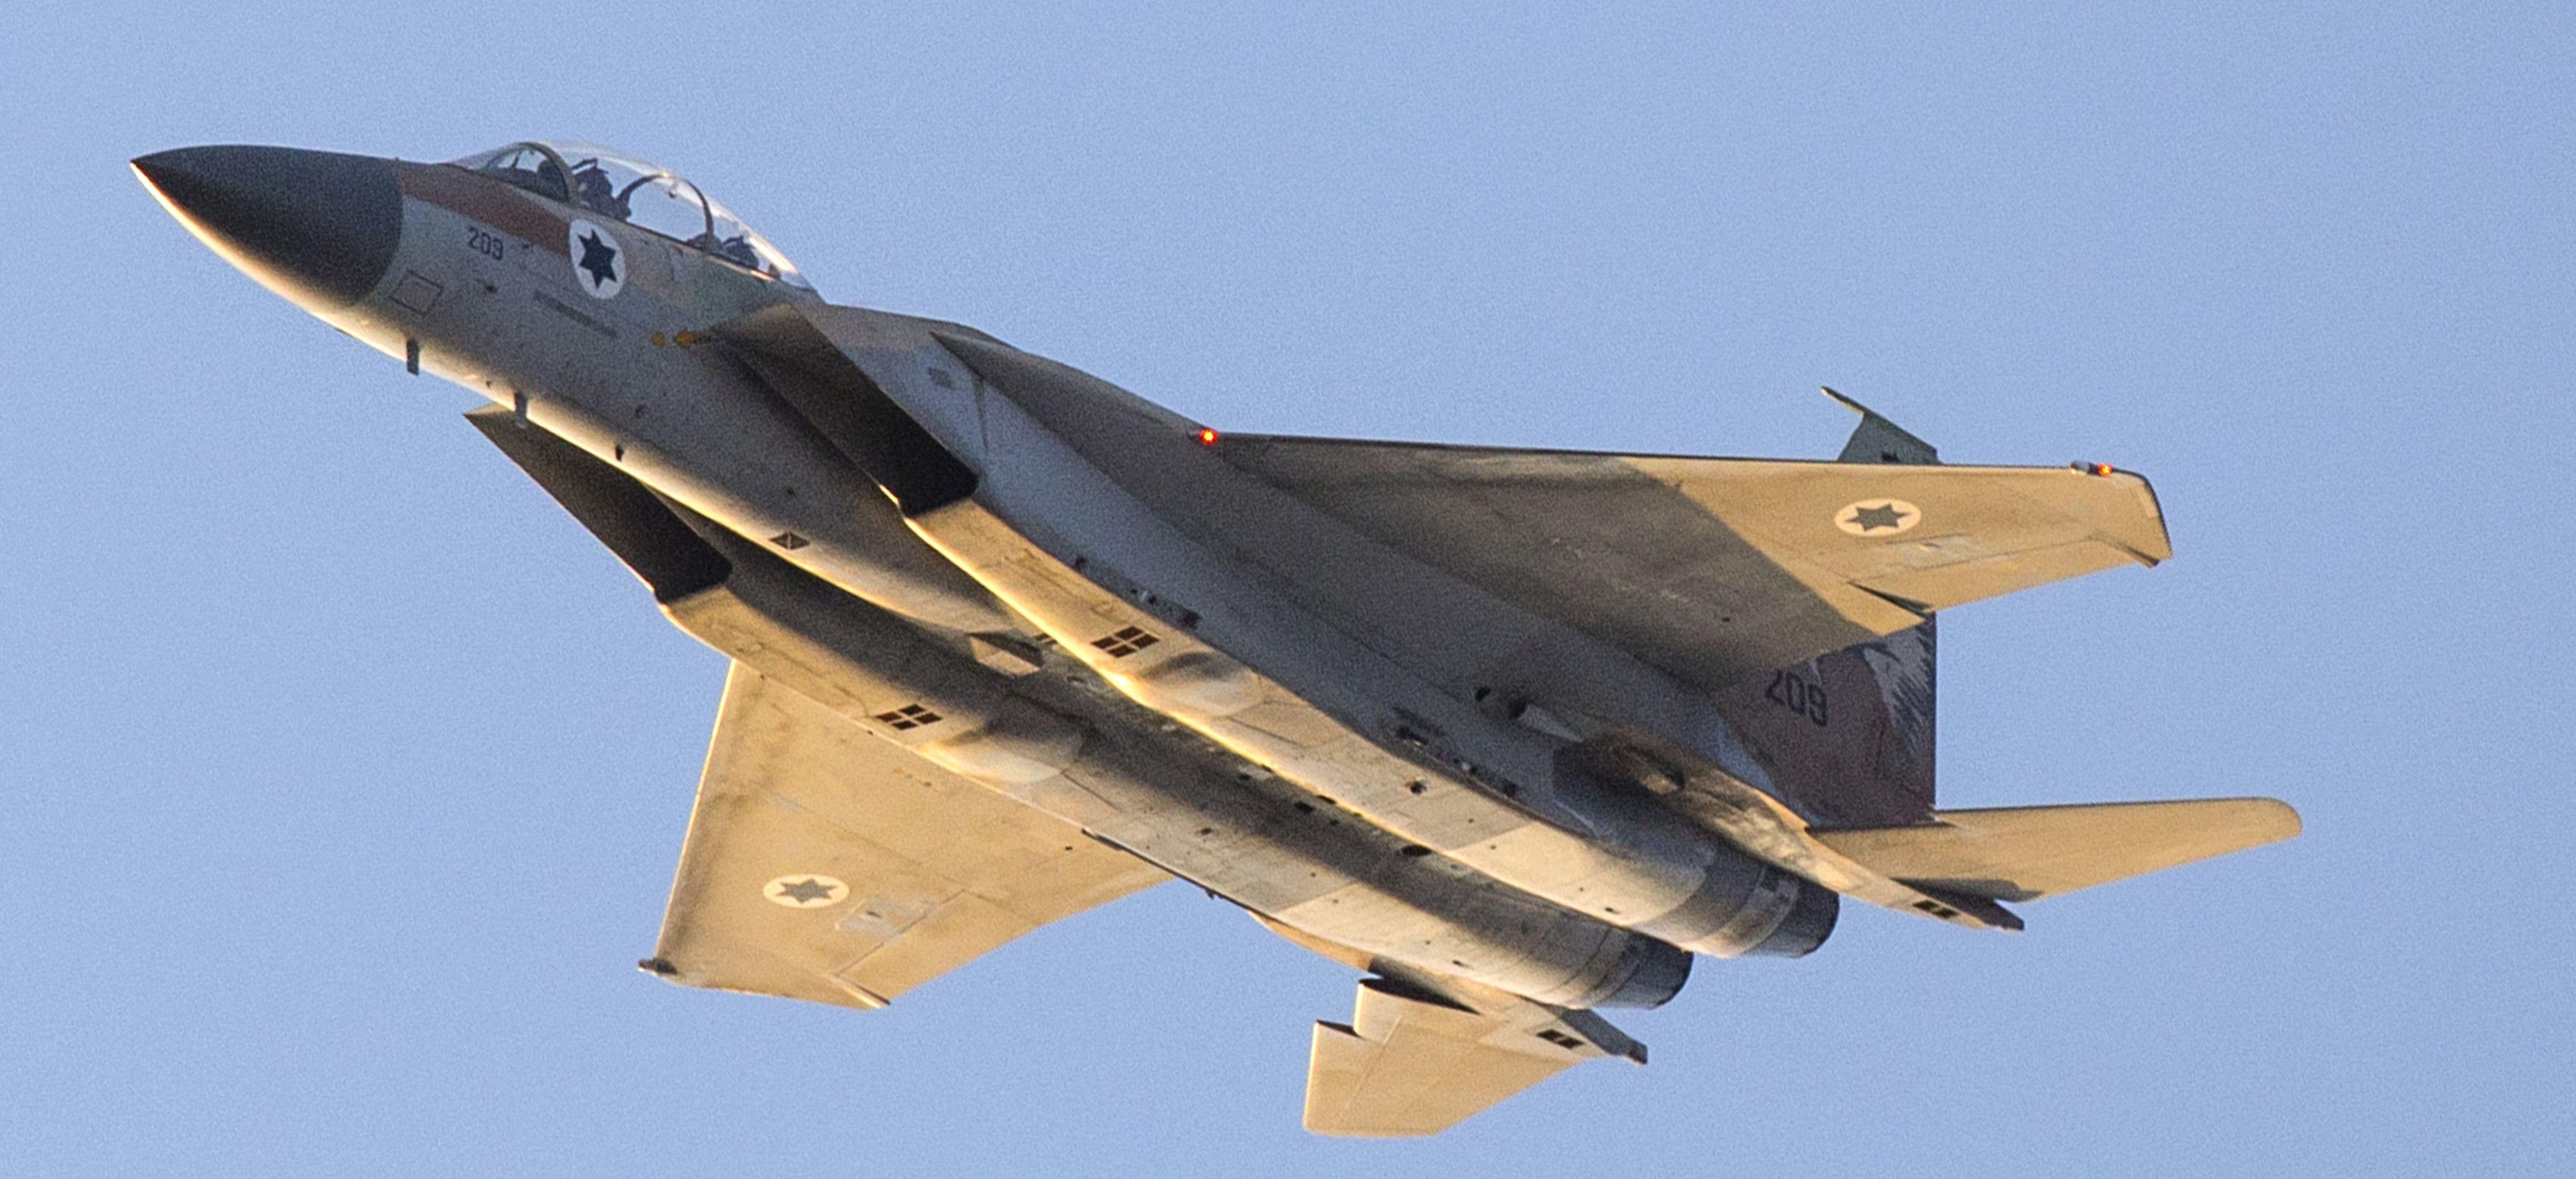 israel-air-forcee-1453722214.jpg